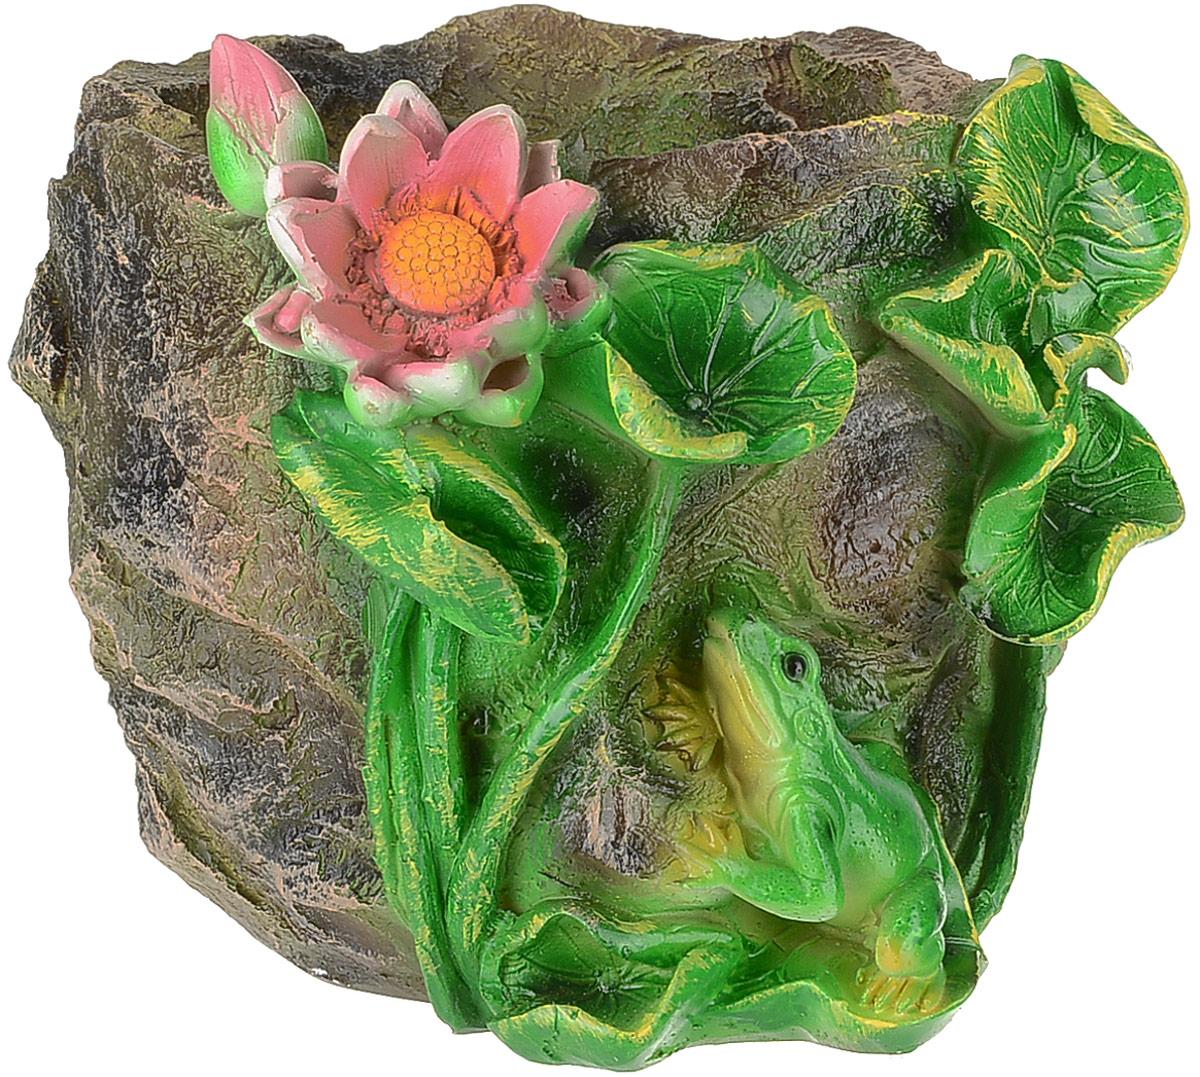 Кашпо Камень с лягушкой и лотосом, 20 х 20 х 15 см4601137124674Комнатные растения - всеобщие любимцы. Они радуют глаз, насыщают помещение кислородом и украшают пространство. Каждому из растений необходим свой удобный и красивый дом.Поселите зеленого питомца в яркое и оригинальное фигурное кашпо Камень с лягушкой и лотосом. Камень с лягушкой и лотосом позаботится о растении, украсит окружающее пространство и подчеркнет его оригинальный стиль. Размер: 20 х 20 х 15 см.